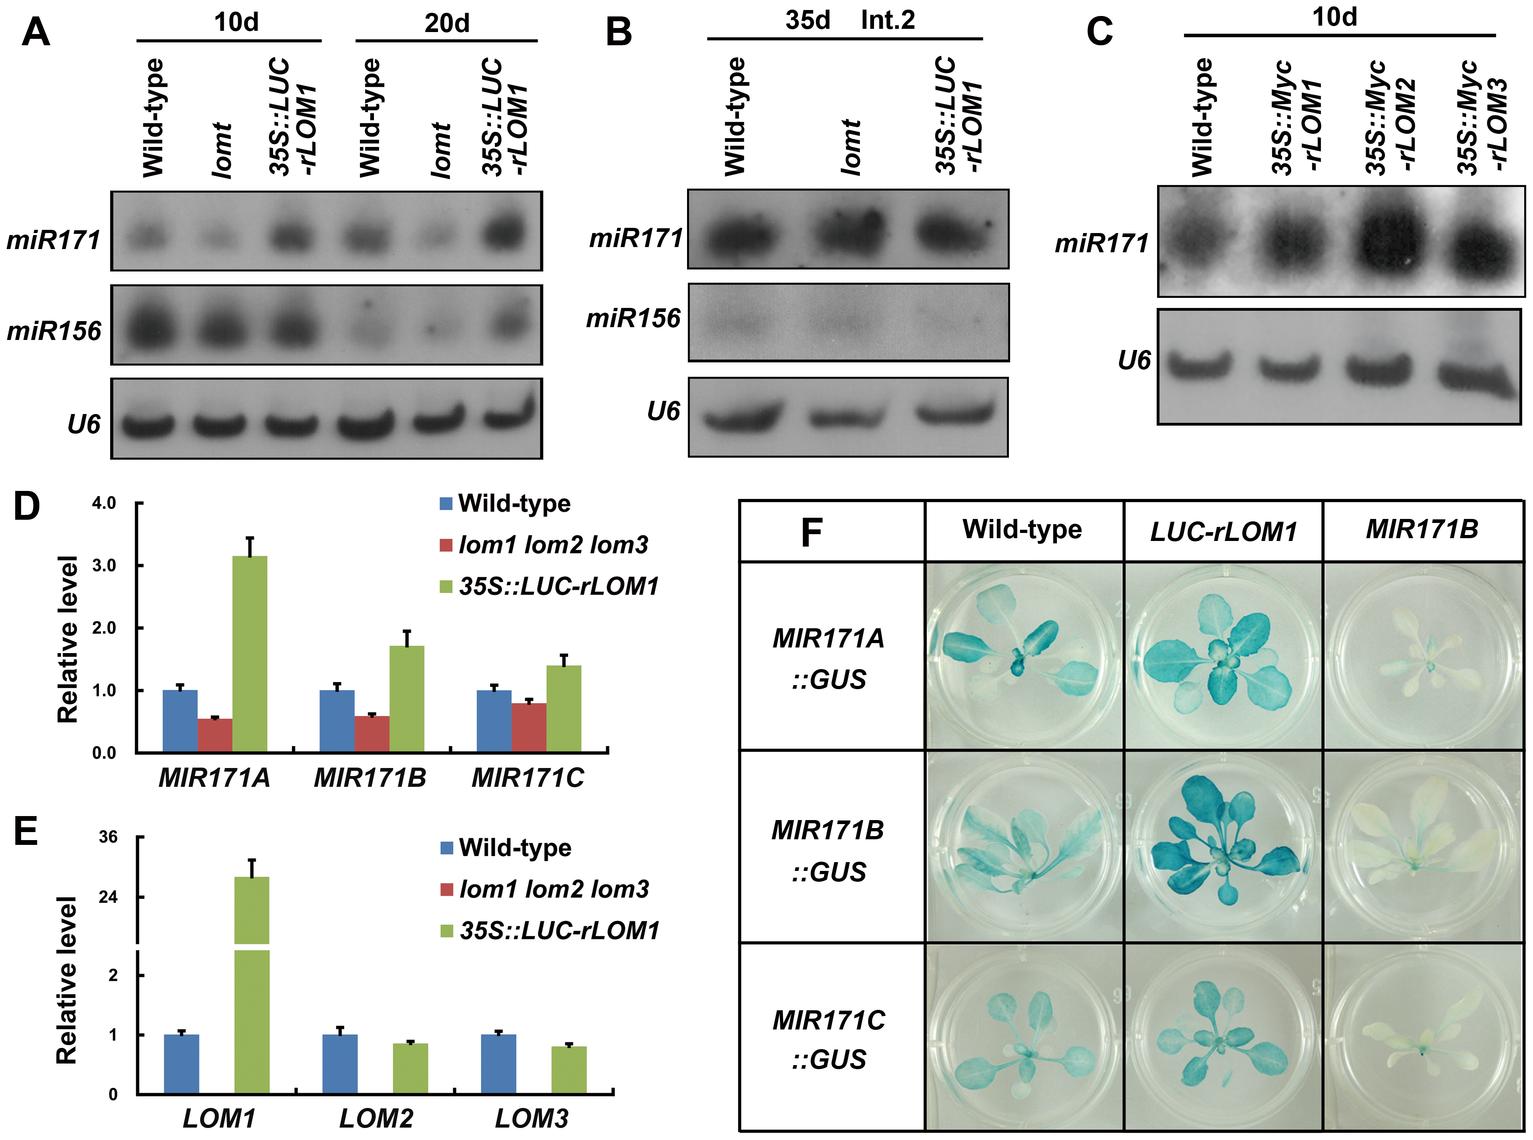 LOMs regulate <i>MIR171</i> expression.